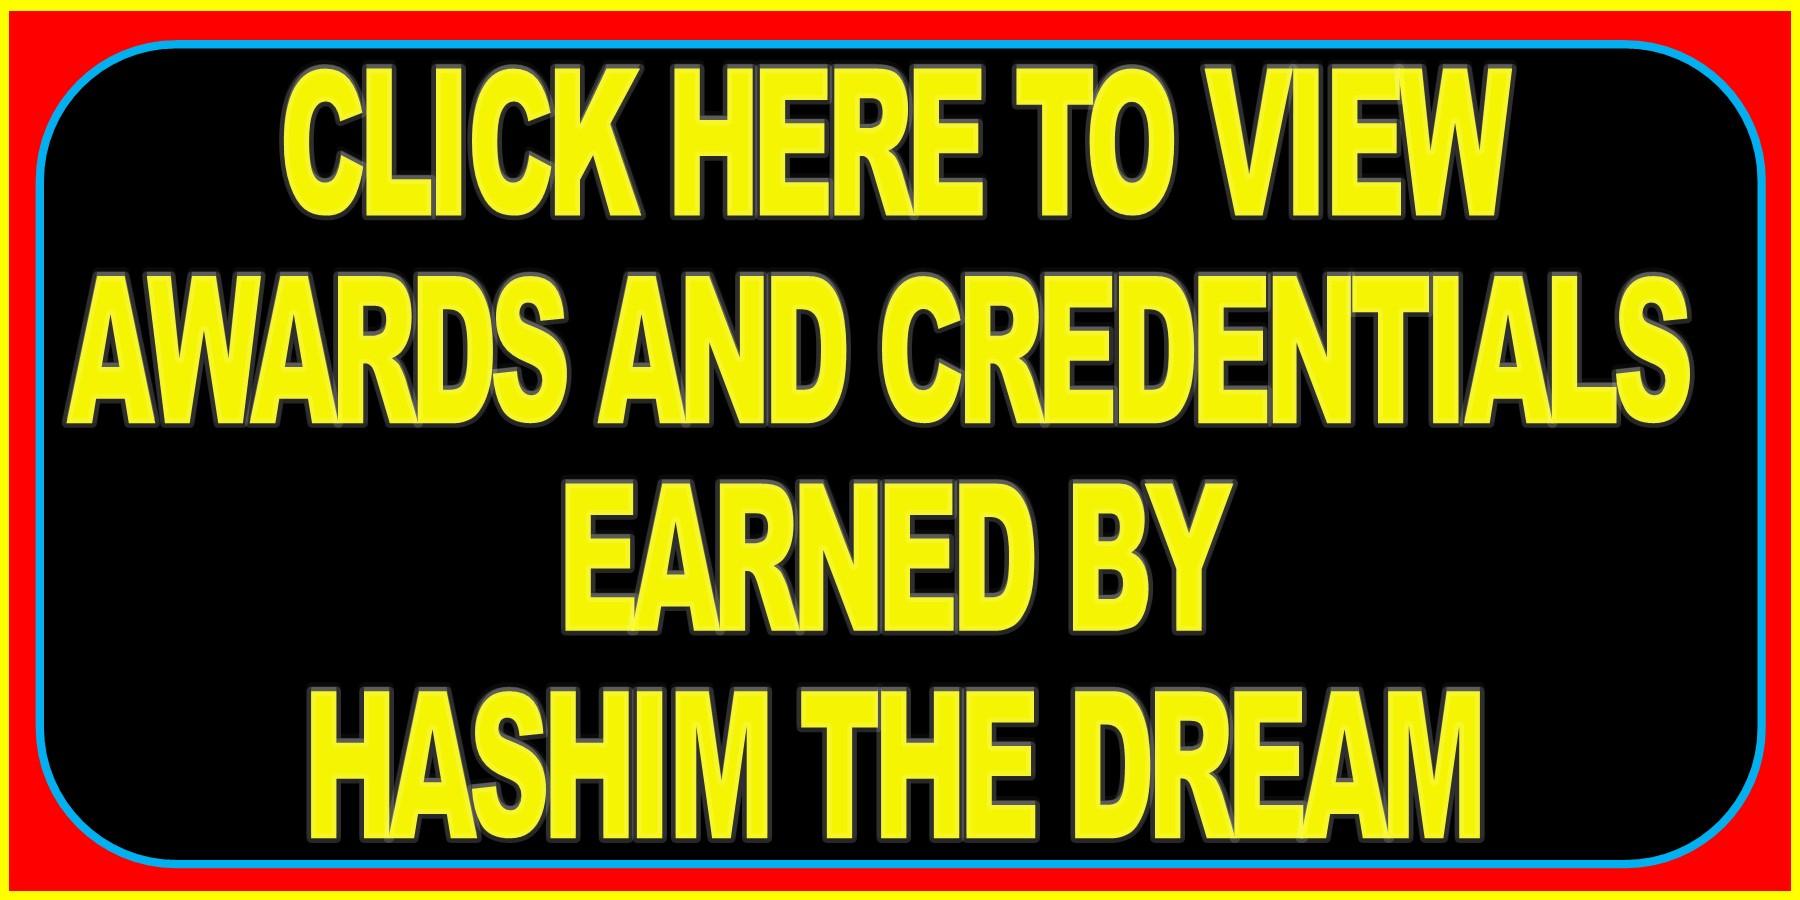 HASHIM AWARDS